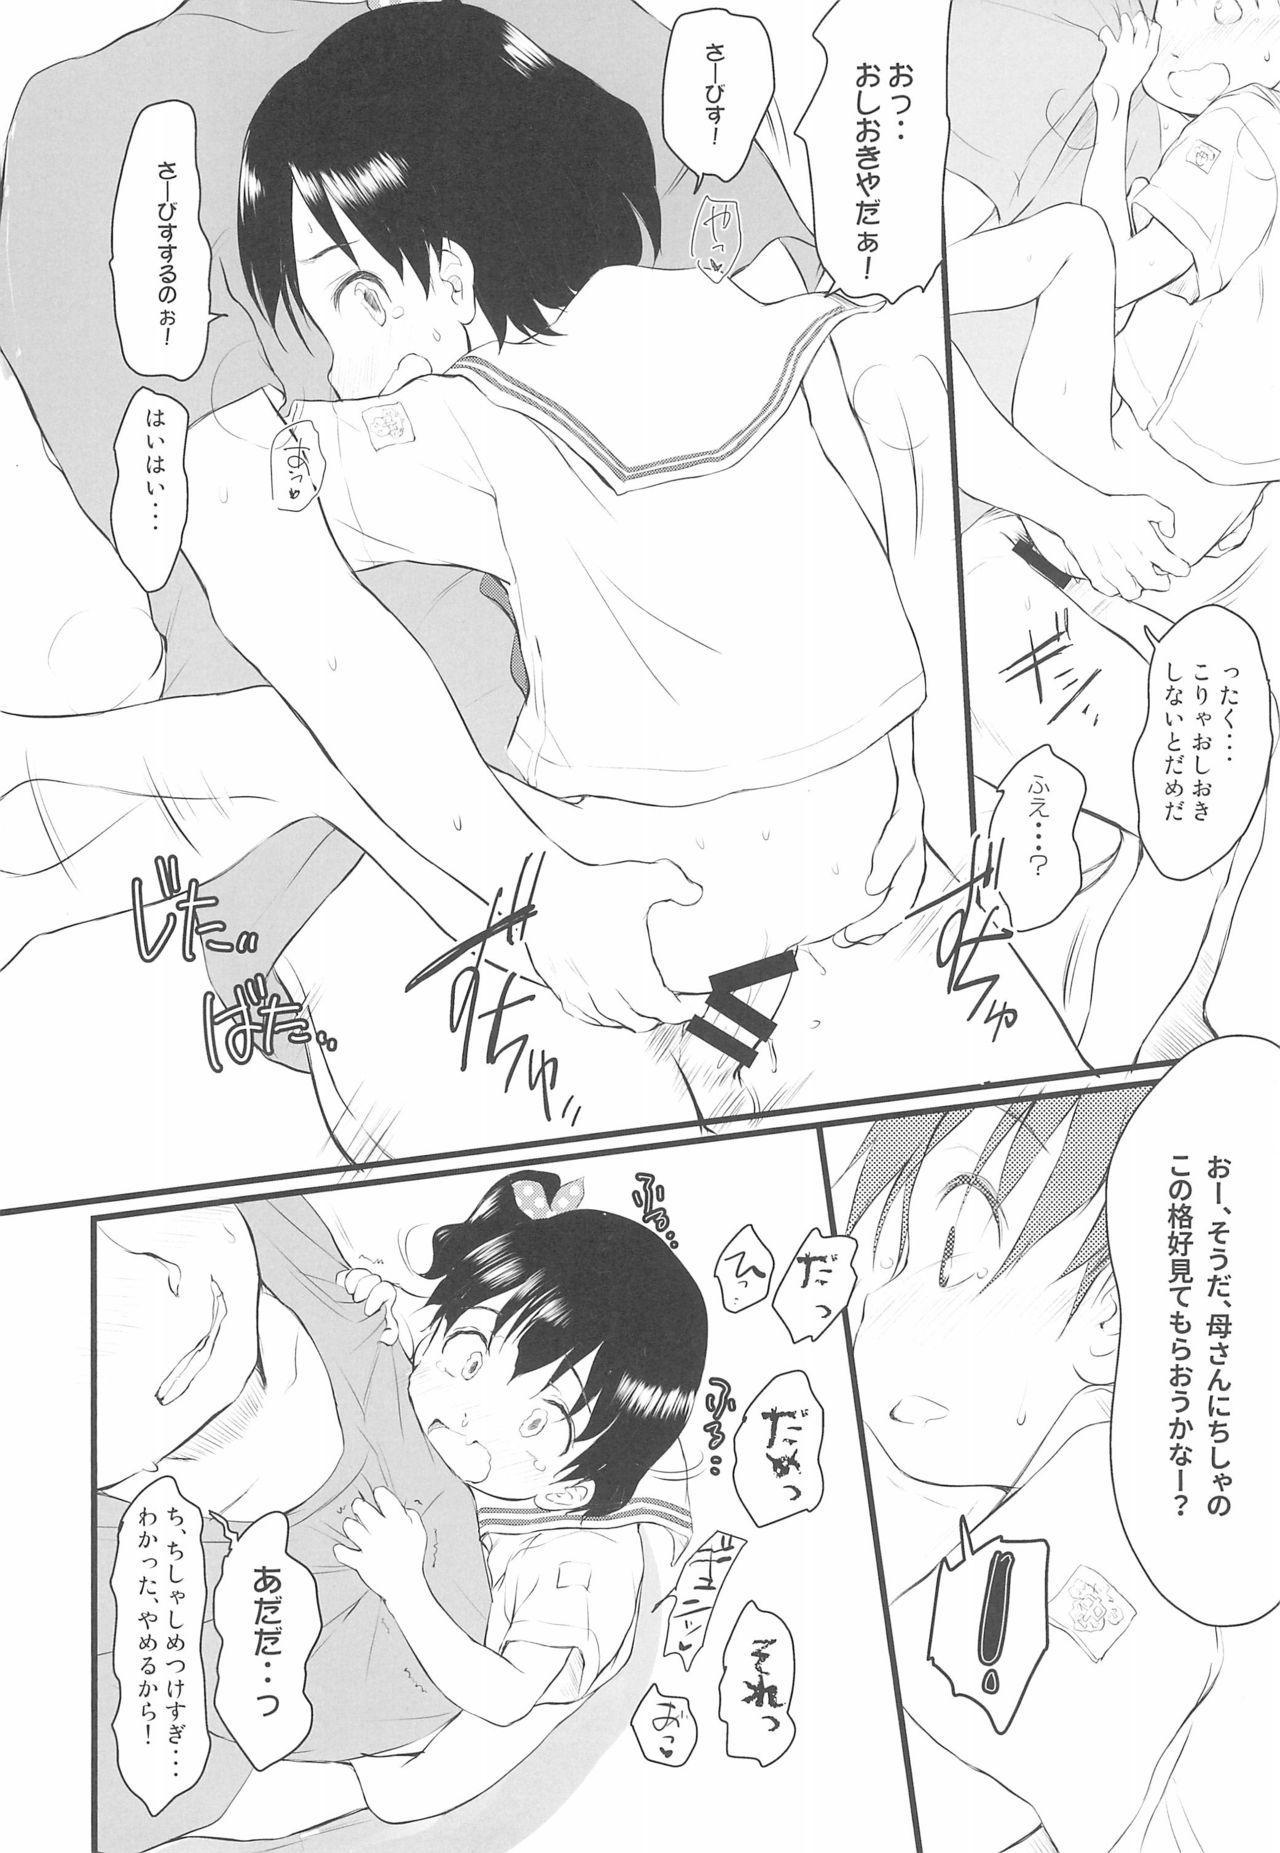 (C96) [Wancho-ke (Wancho)] Chisha-chan ni Shikarareru! Imouto wa Minna Onii-chan ga Daisuki! 5.55 13